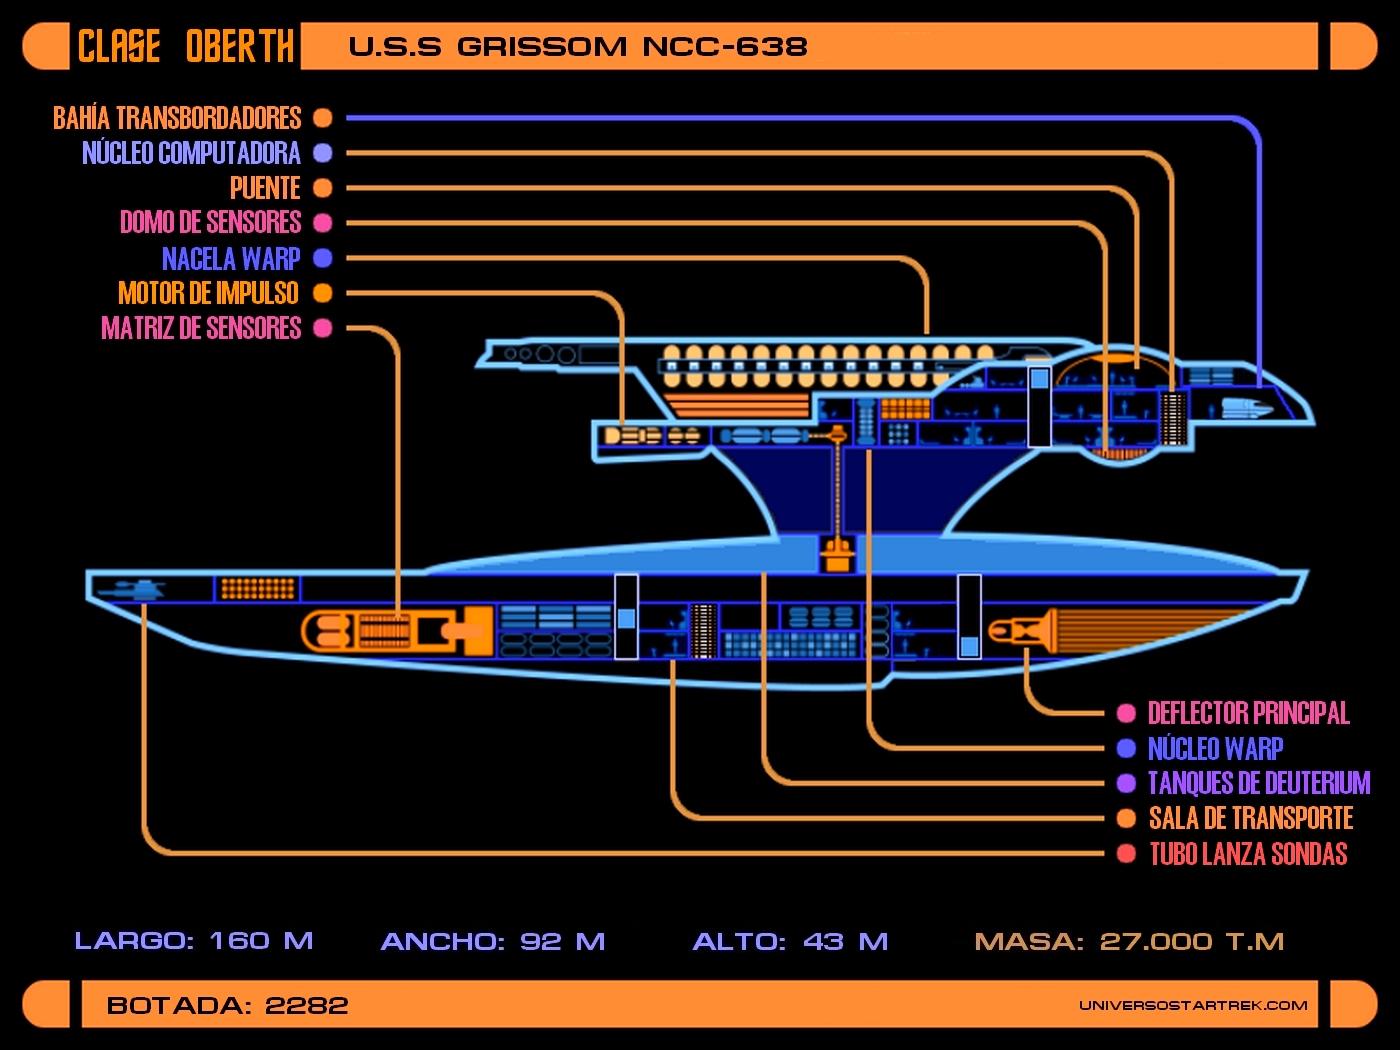 Uss Defiant Schematics on runabout schematics, uss reliant schematics, deep space nine schematics, uss titan schematics, uss diligent, millennium falcon schematics, uss equinox, uss voyager, star trek ship schematics, uss excalibur, uss reliant deck plans, uss yamaguchi, uss lst schematic, uss vengeance star trek, uss valiant schematics, uss prometheus, uss enterprise, space station schematics, uss excelsior, delta flyer schematics,